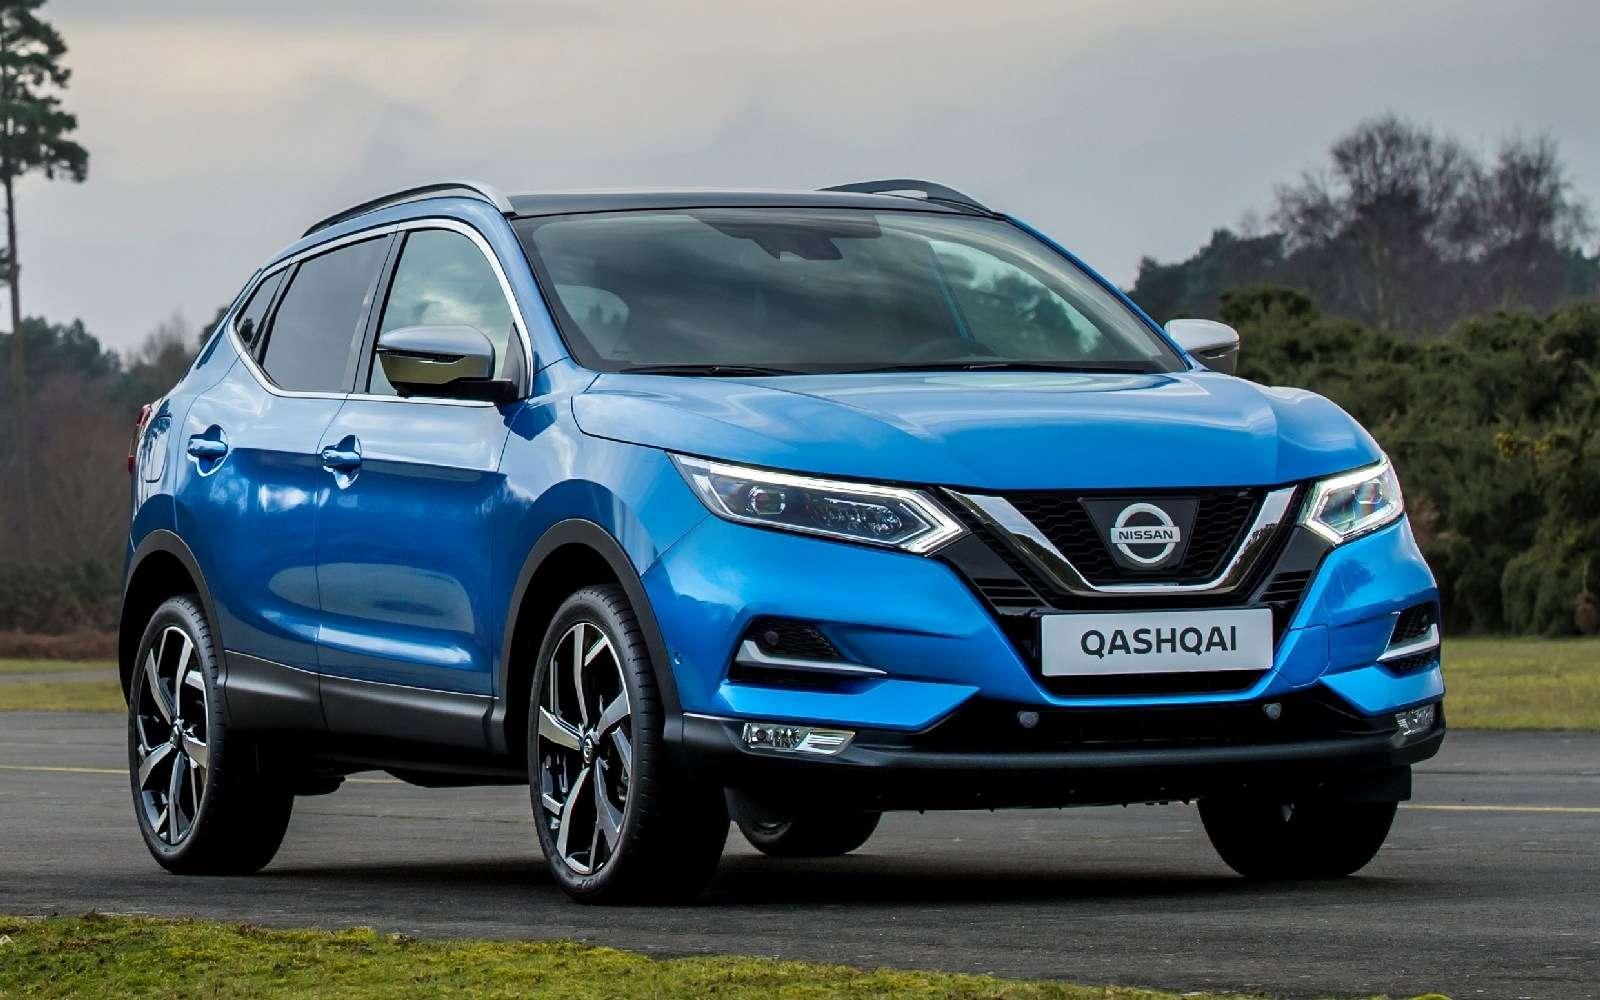 Обновленный Nissan Qashqai: европейский бестселлер самериканским лицом— фото 717701